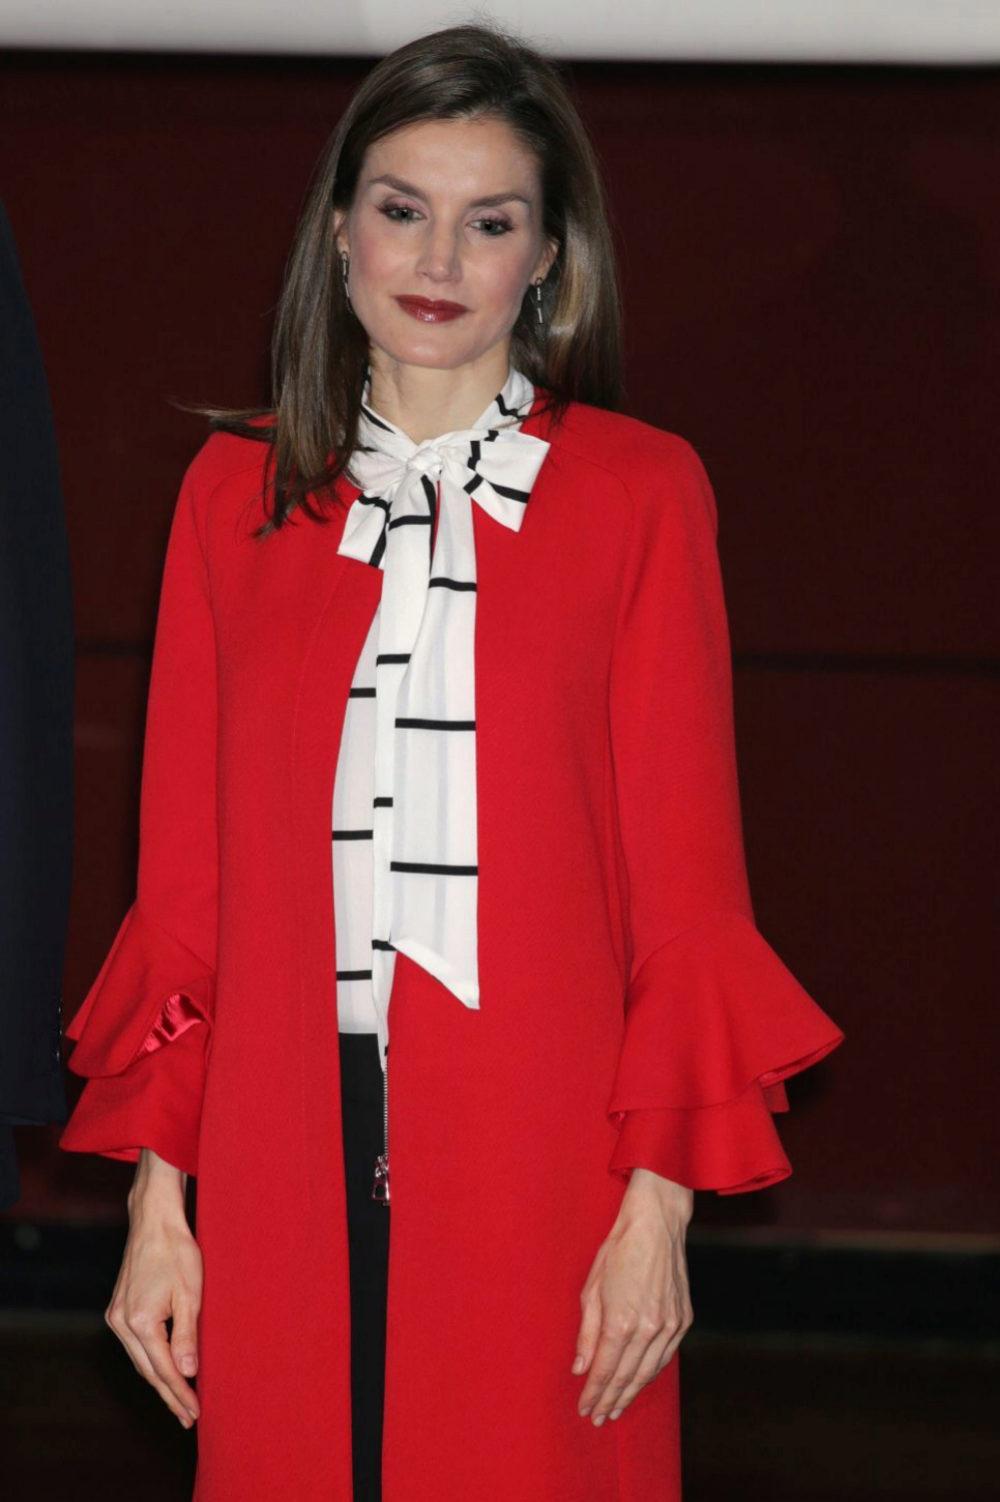 La Reina Letizia ha encontrado su abrigo favorito en Inditex.